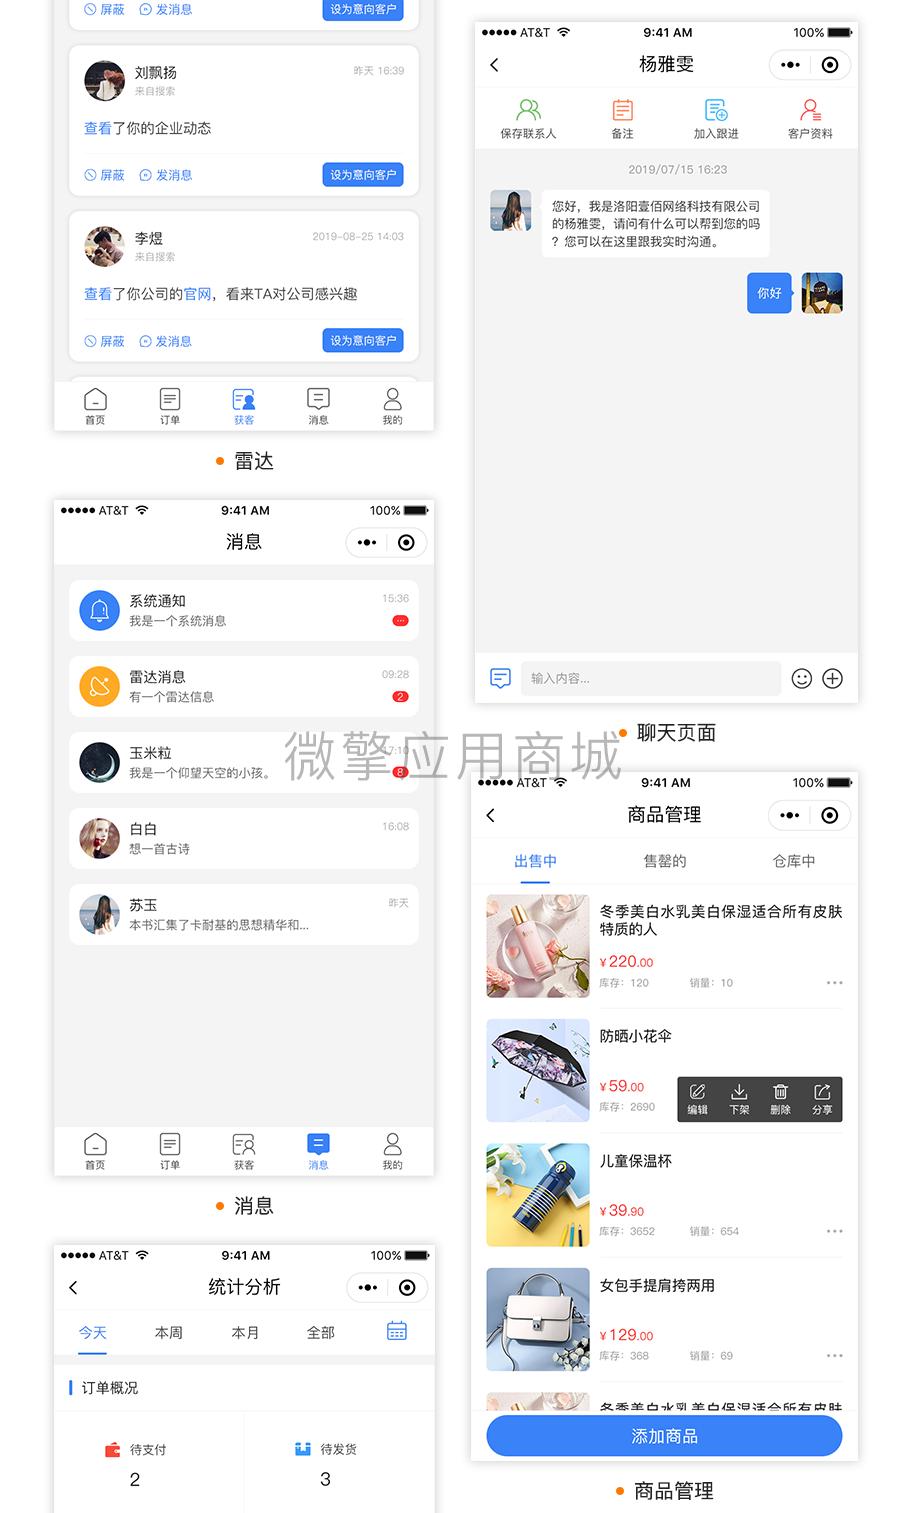 壹佰智慧商城02-2修_02.png